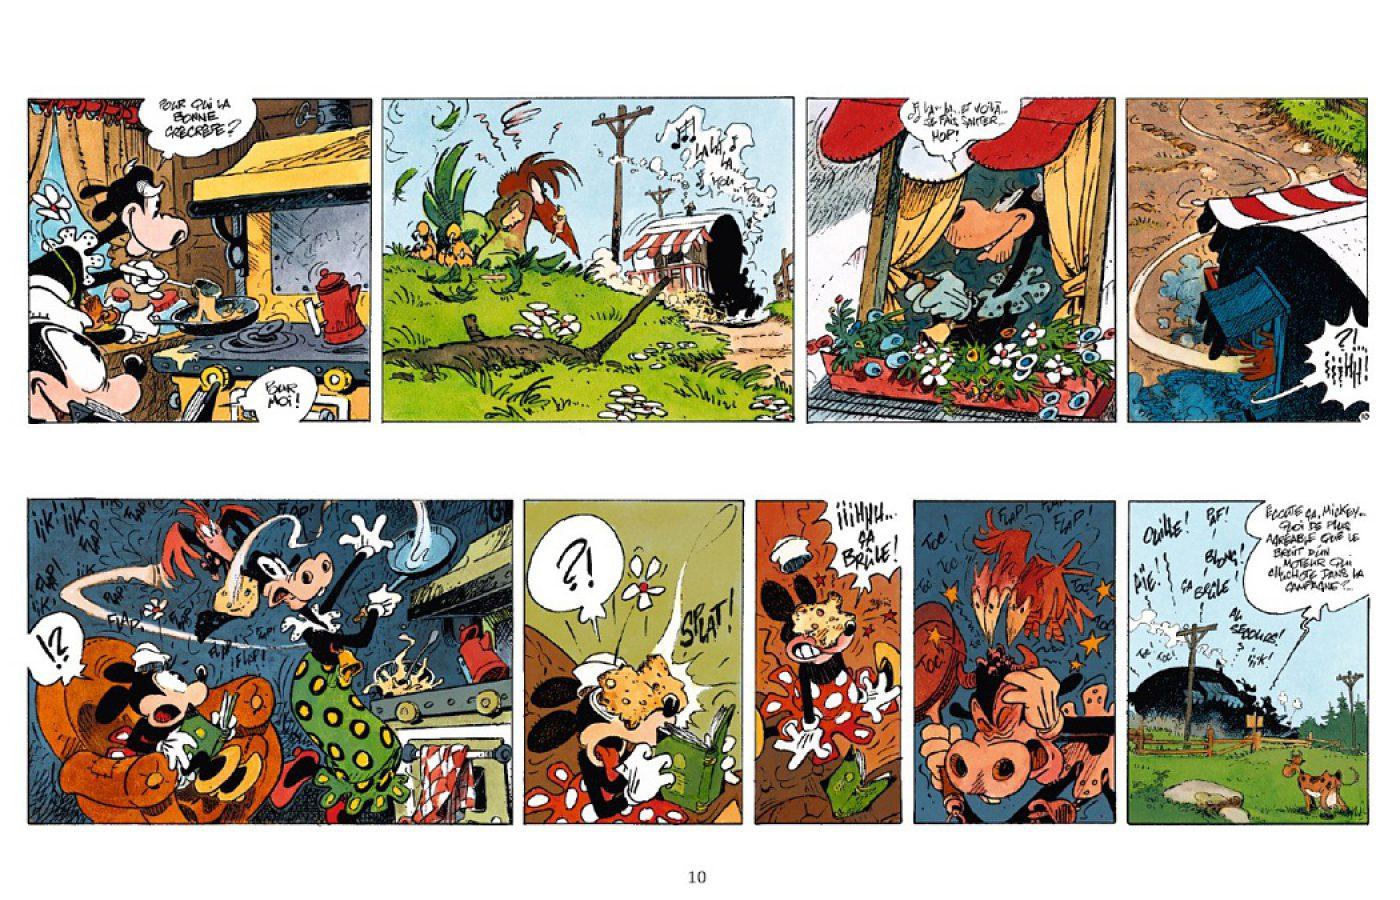 Preview, Café Zombo, Régis Loisel, Glénat, Disney by Glénat